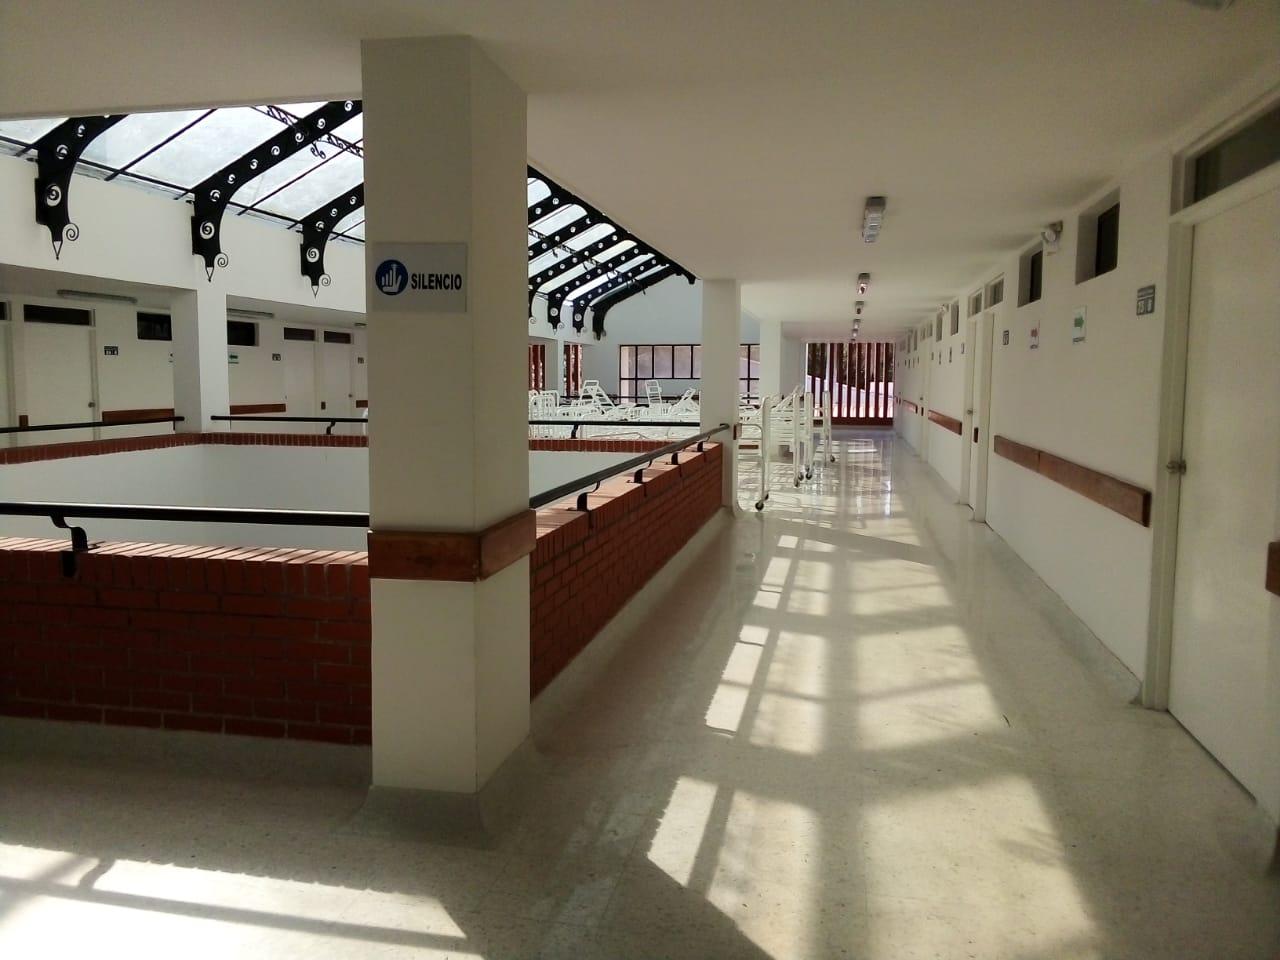 Obras del Hospital San Jerónimo se entregarán el 26 de noviembre - LA RAZÓN.CO